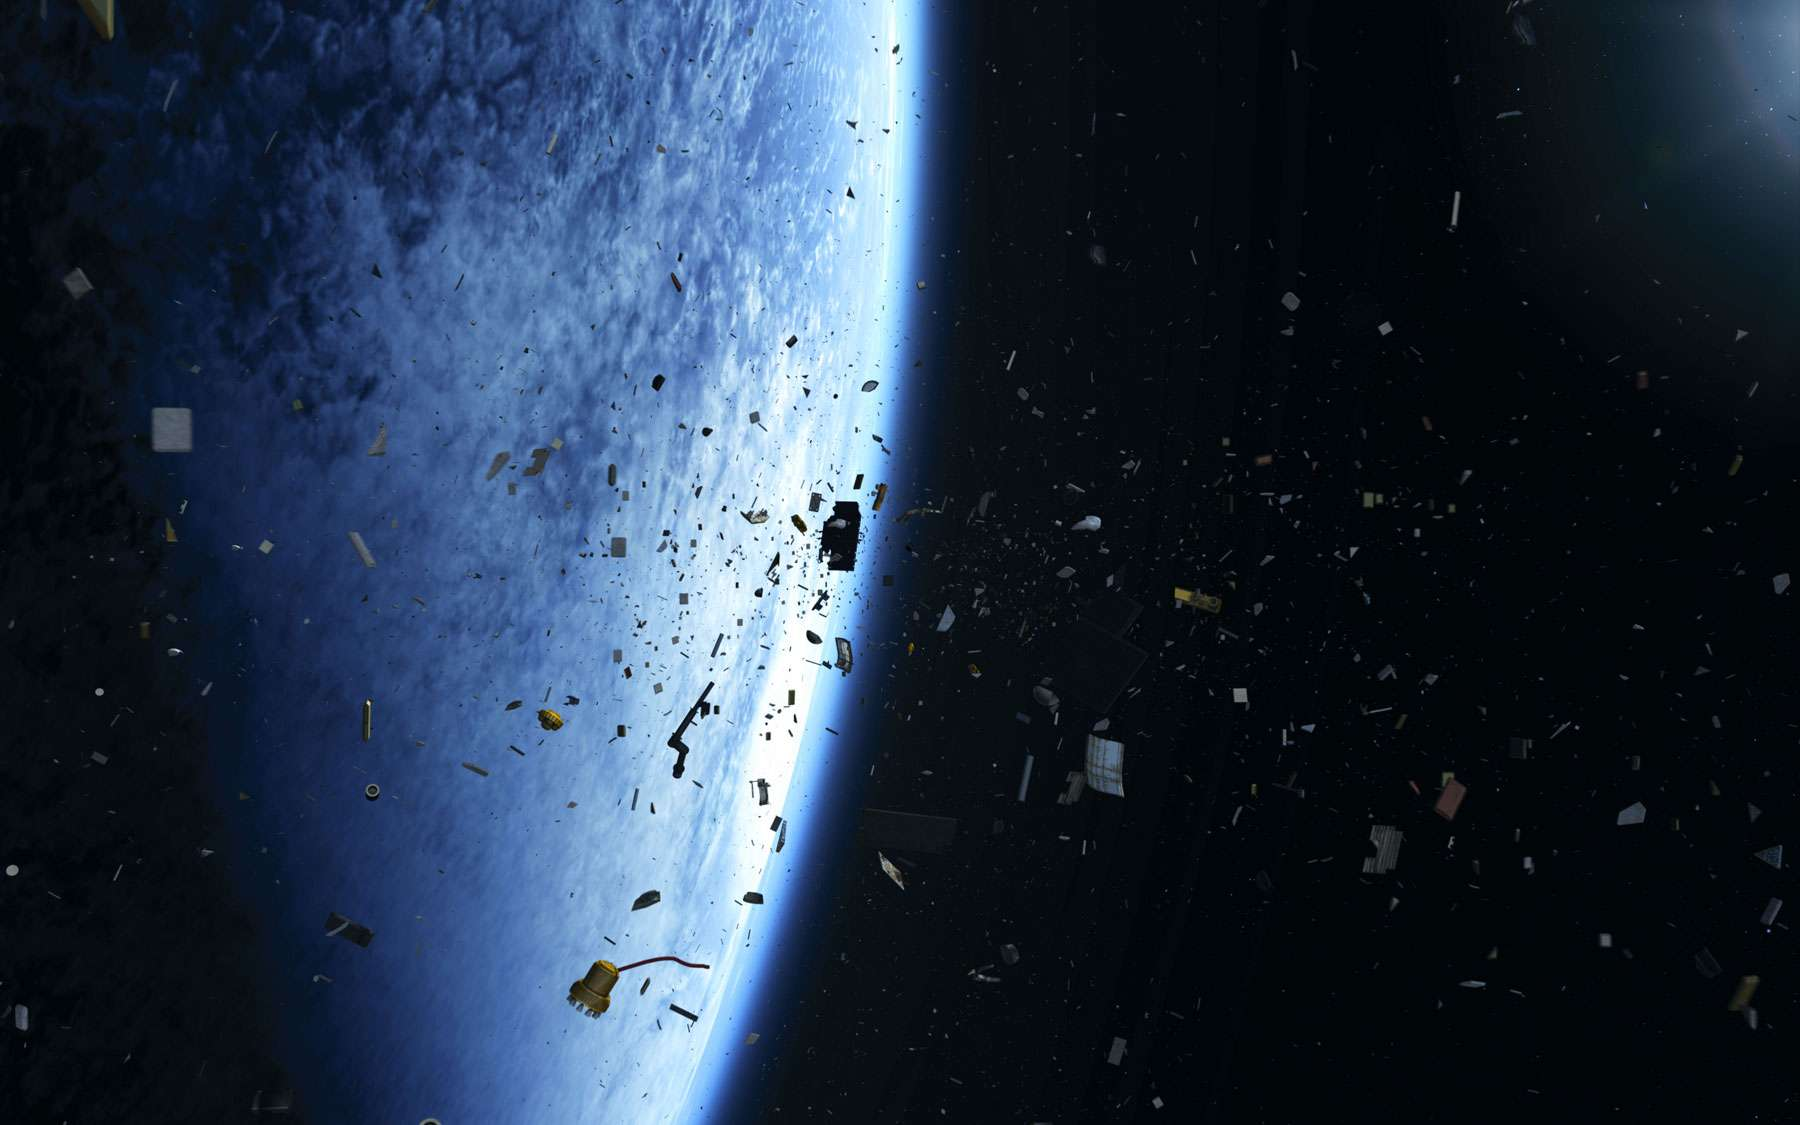 Représentation artistique de débris en orbite terrestre. © ESA